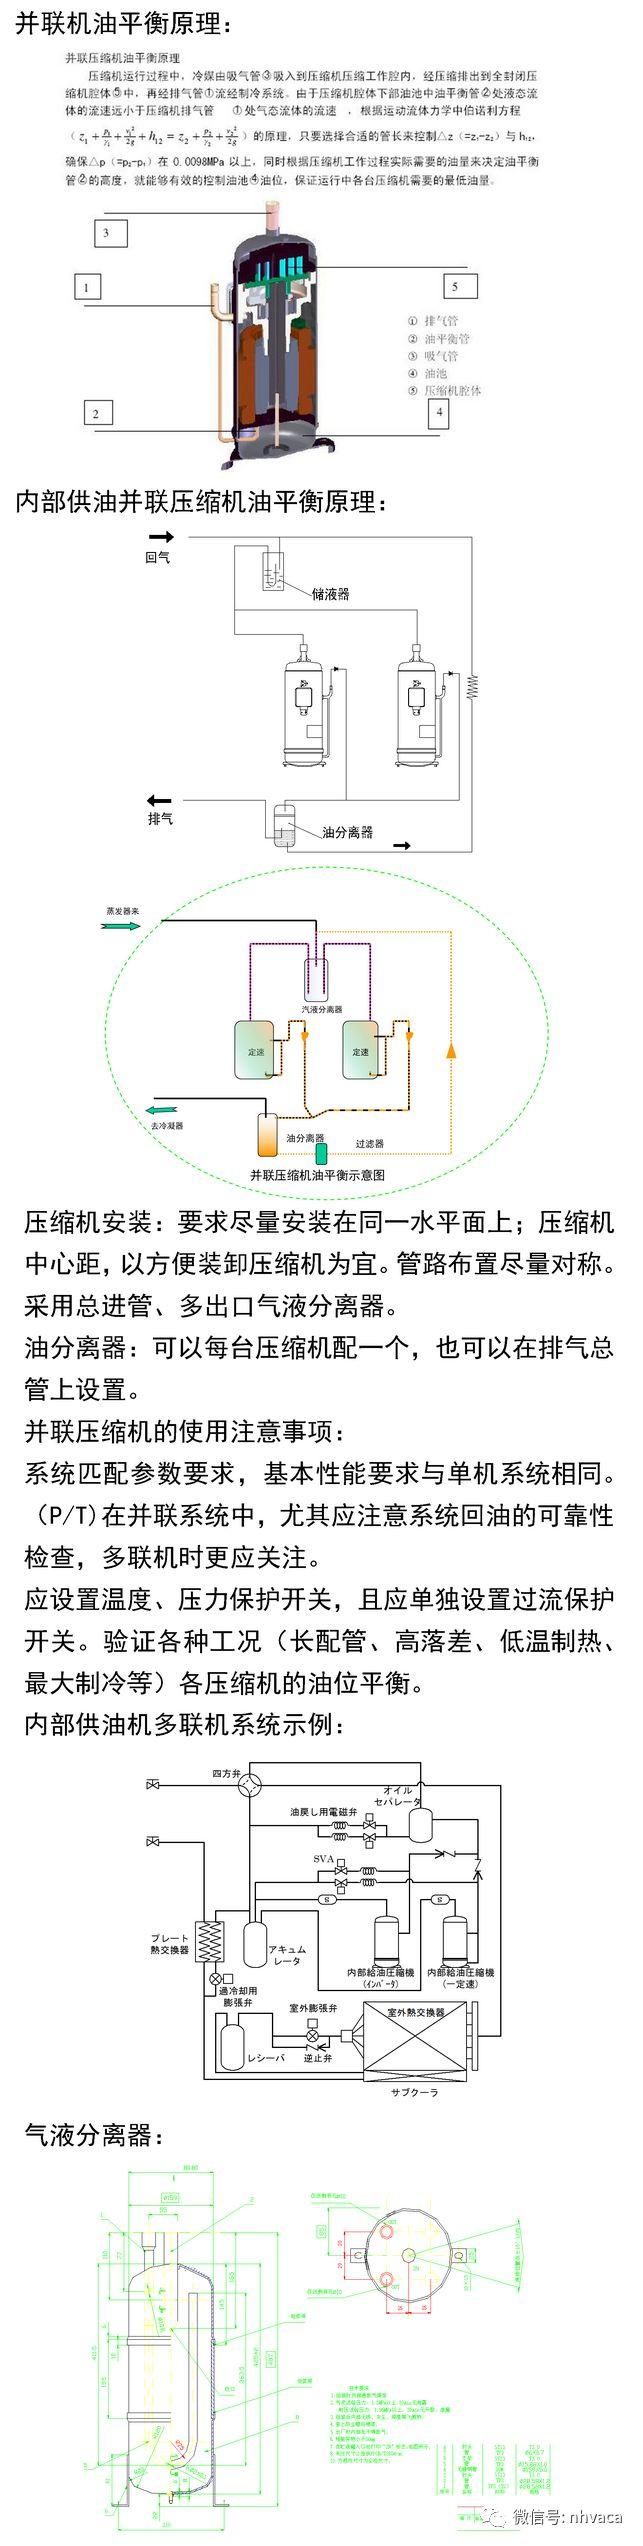 涡旋压缩机设计应用手册_6